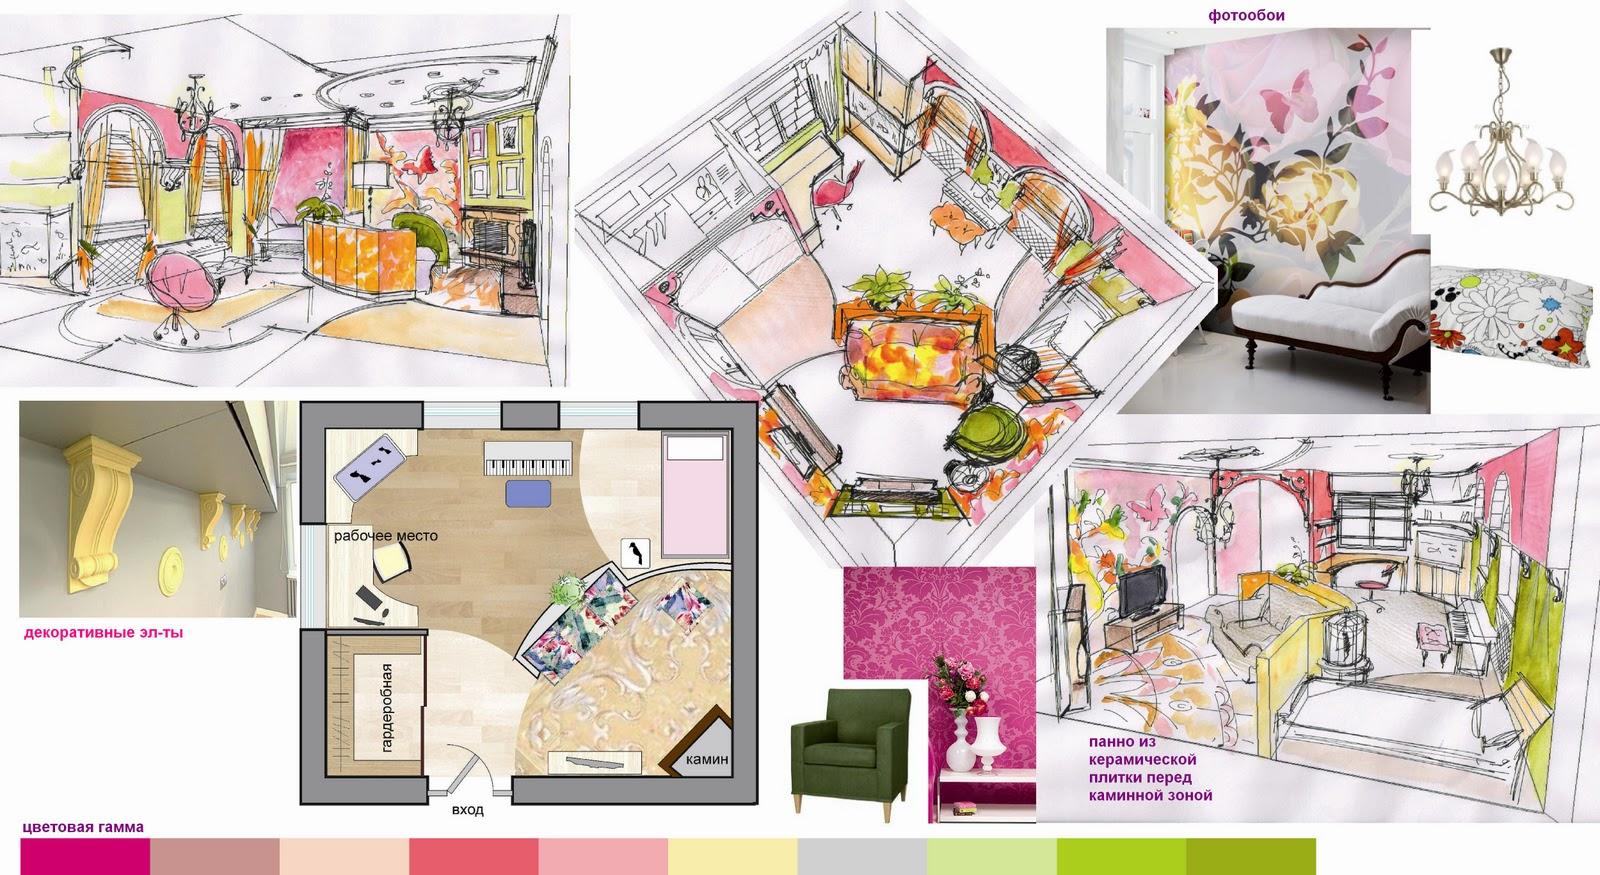 Детская комната для девочки 12 лет дизайн